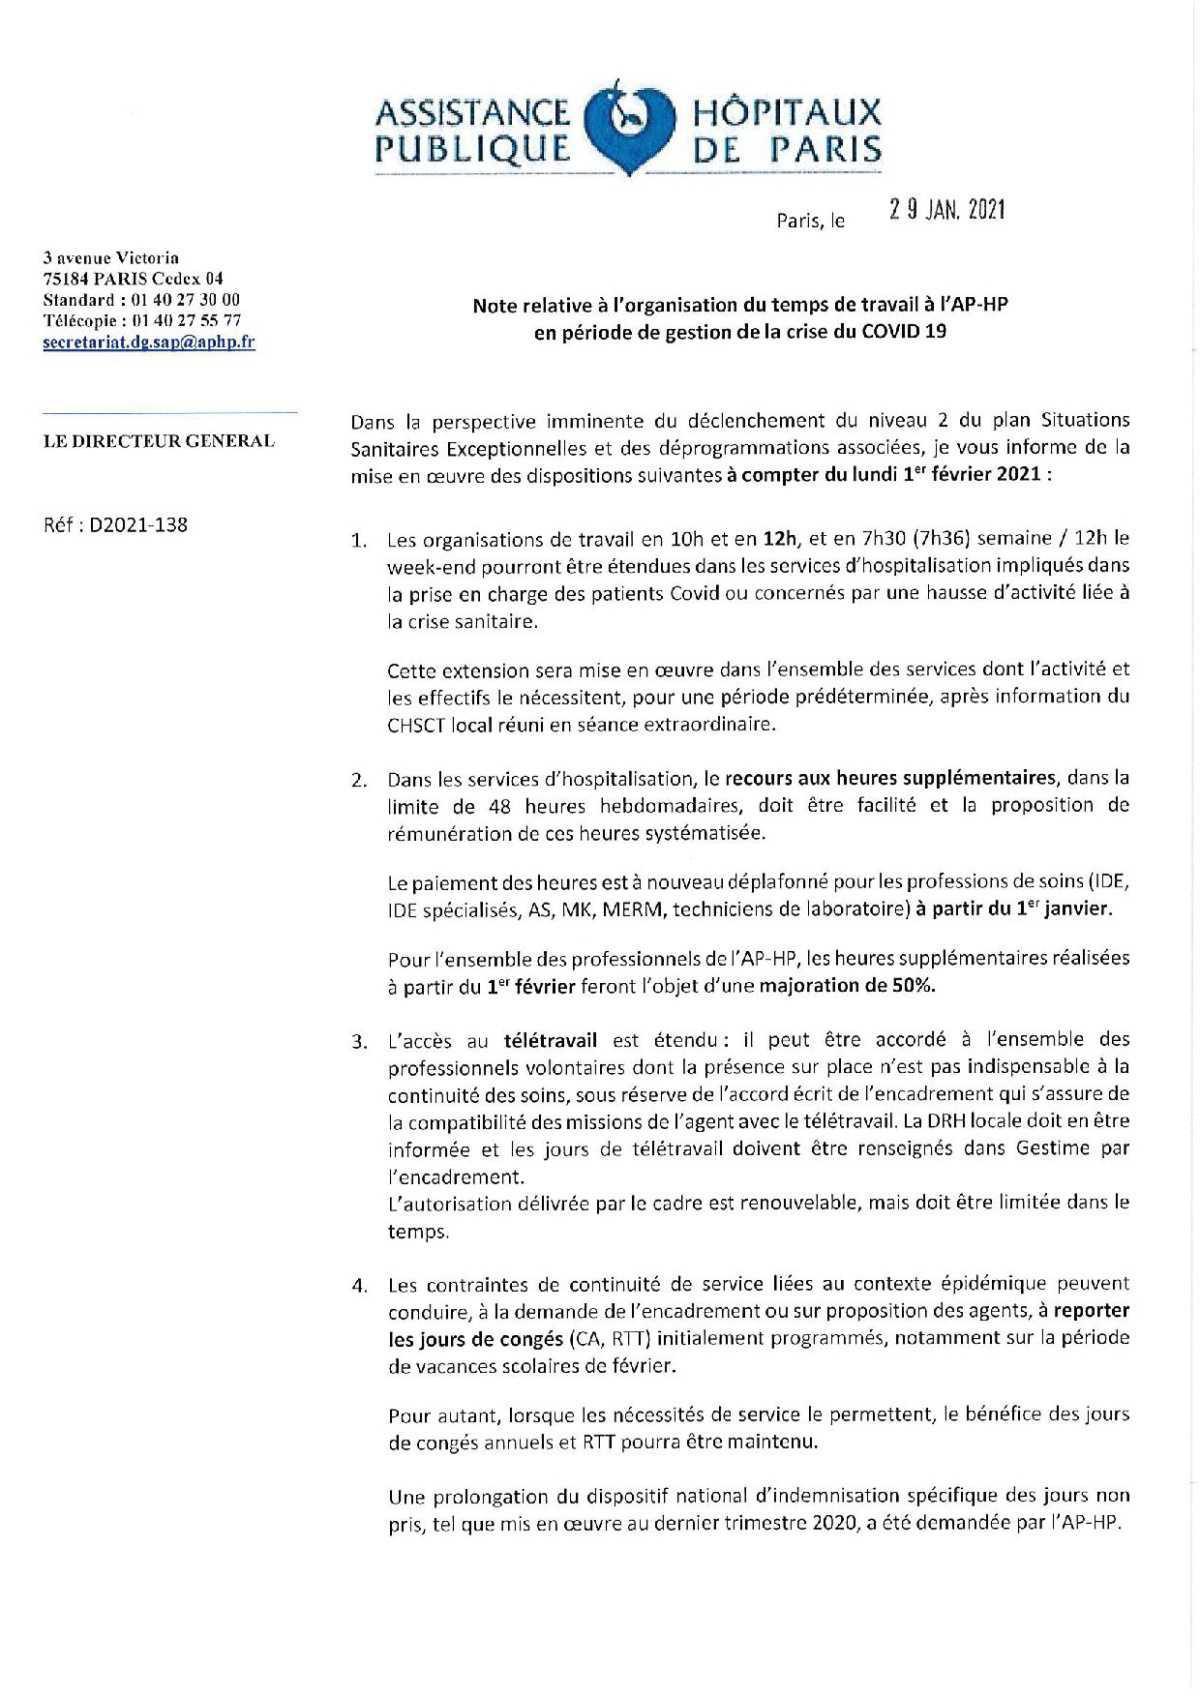 D2021-138 Note relative à l'organisation du temps de travail à l'AP-HP en période de gestion de la crise du COVID 19